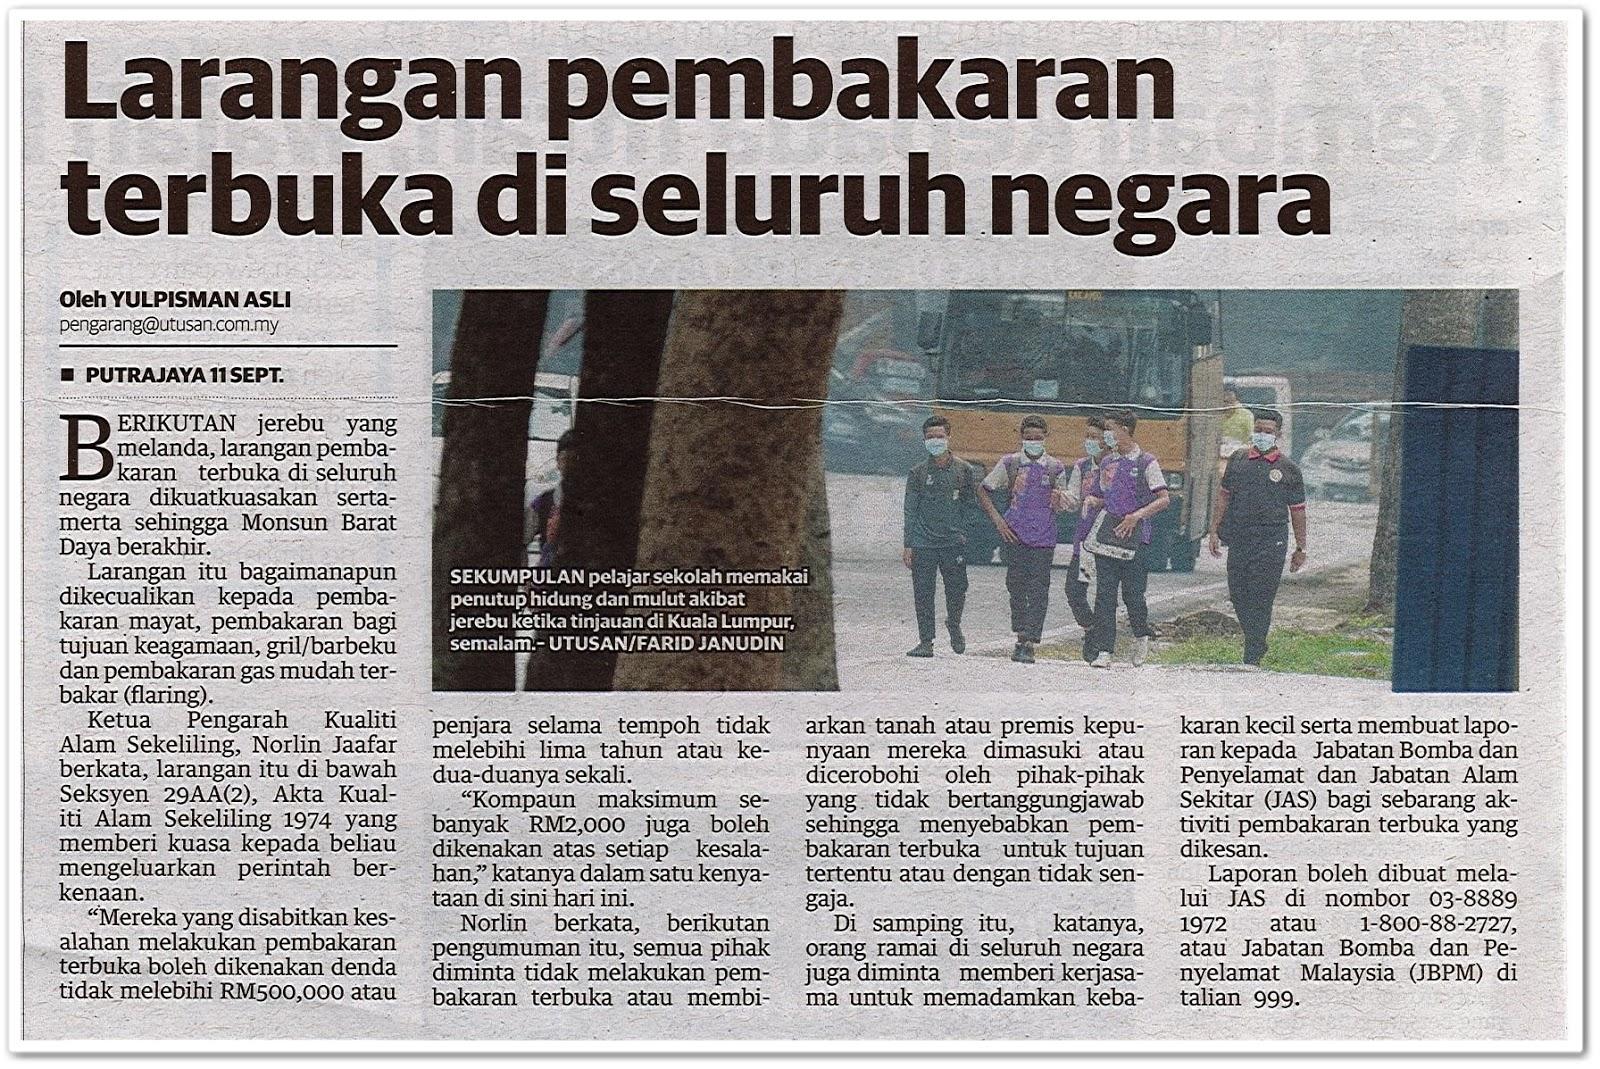 Larangan pembakaran terbuka di seluruh negara - Keratan akhbar Utusan Malaysia 12 September 2019